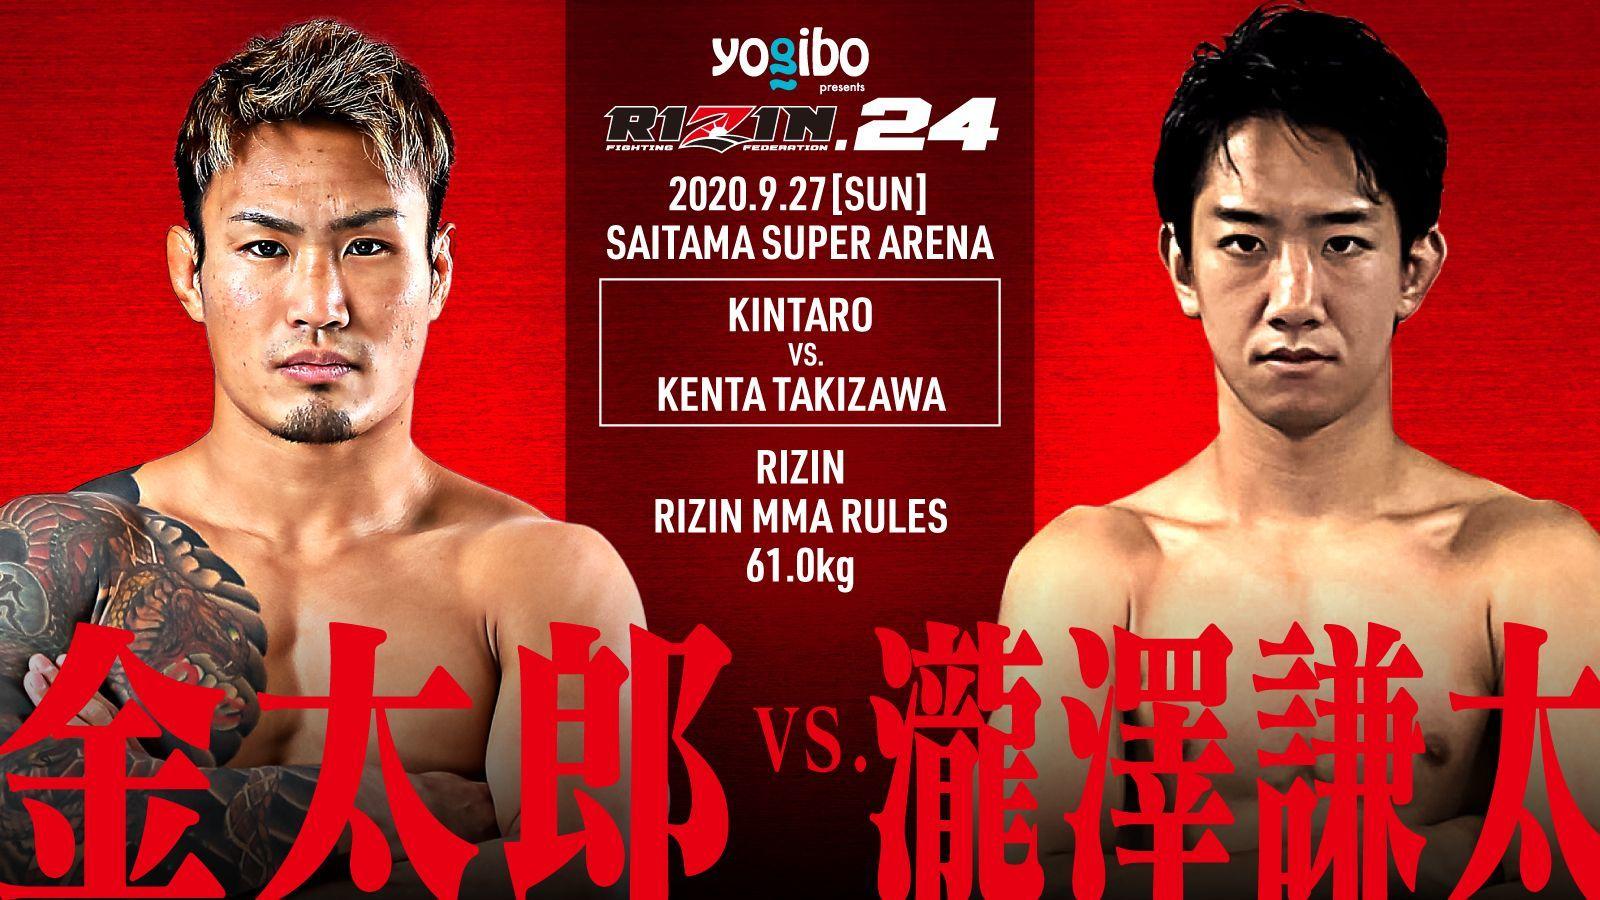 金太郎 vs. 瀧澤謙太